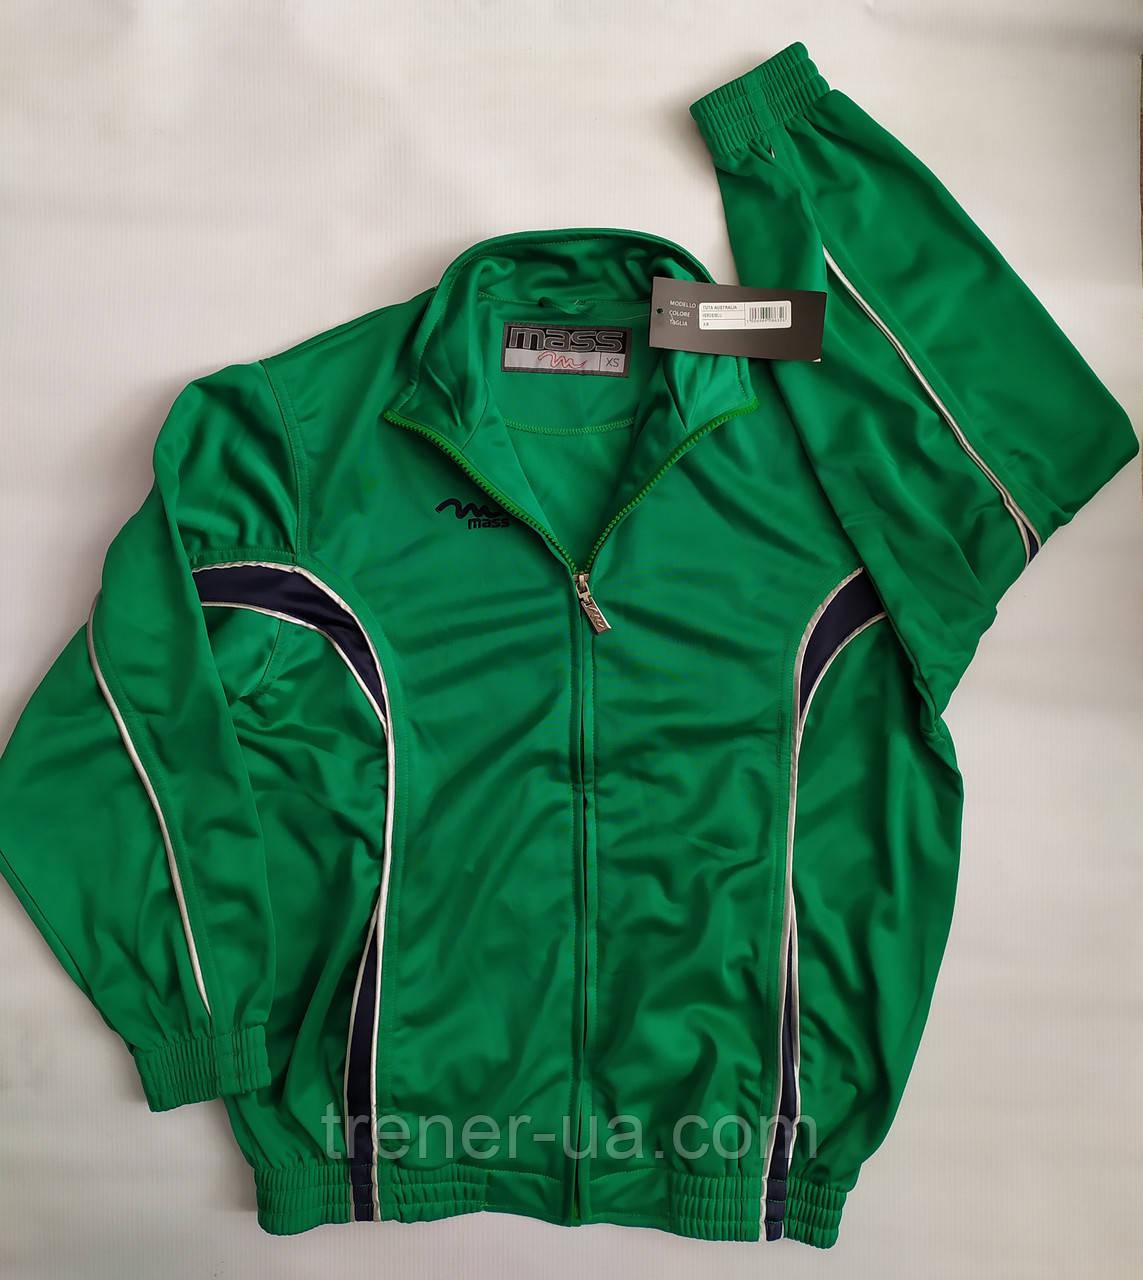 Спортивный костюм зелёный подросток взрослый в стиле Mass производства Италия